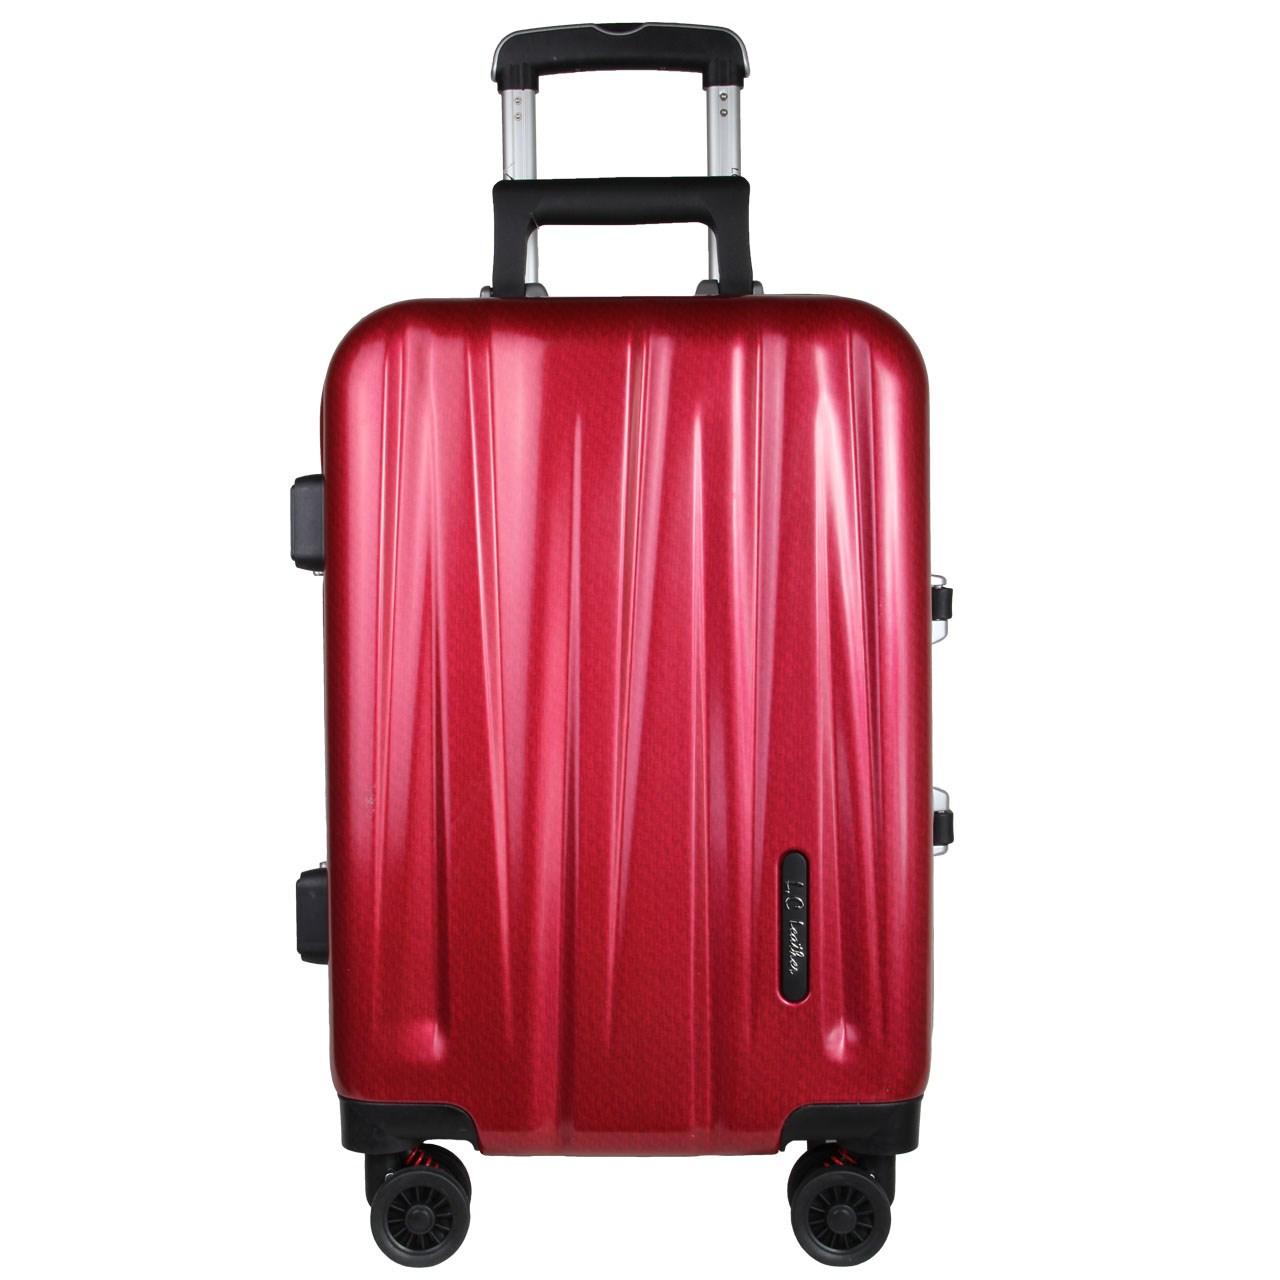 چمدان ال سی مدل 7-20-4-6007